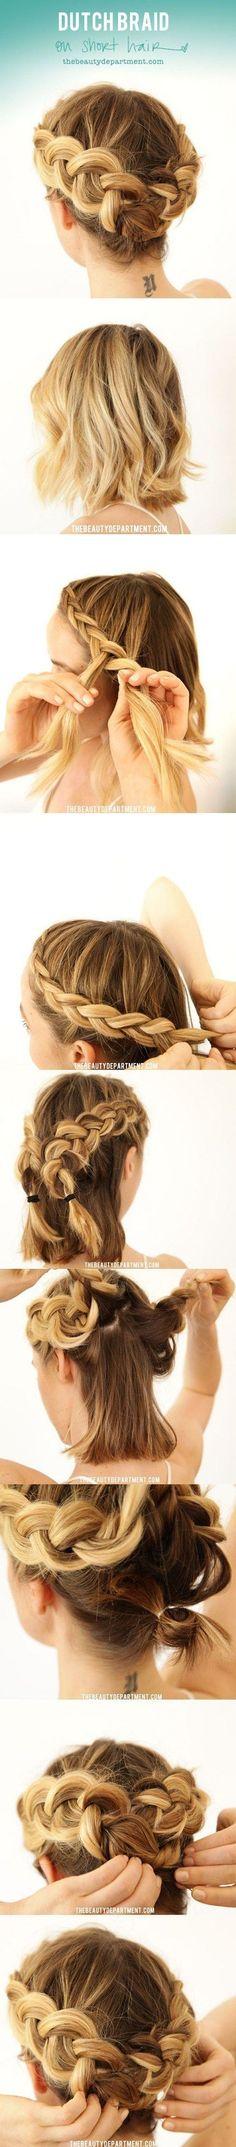 Updo Tutorial: Gorgeous Blonde Dutch Braid